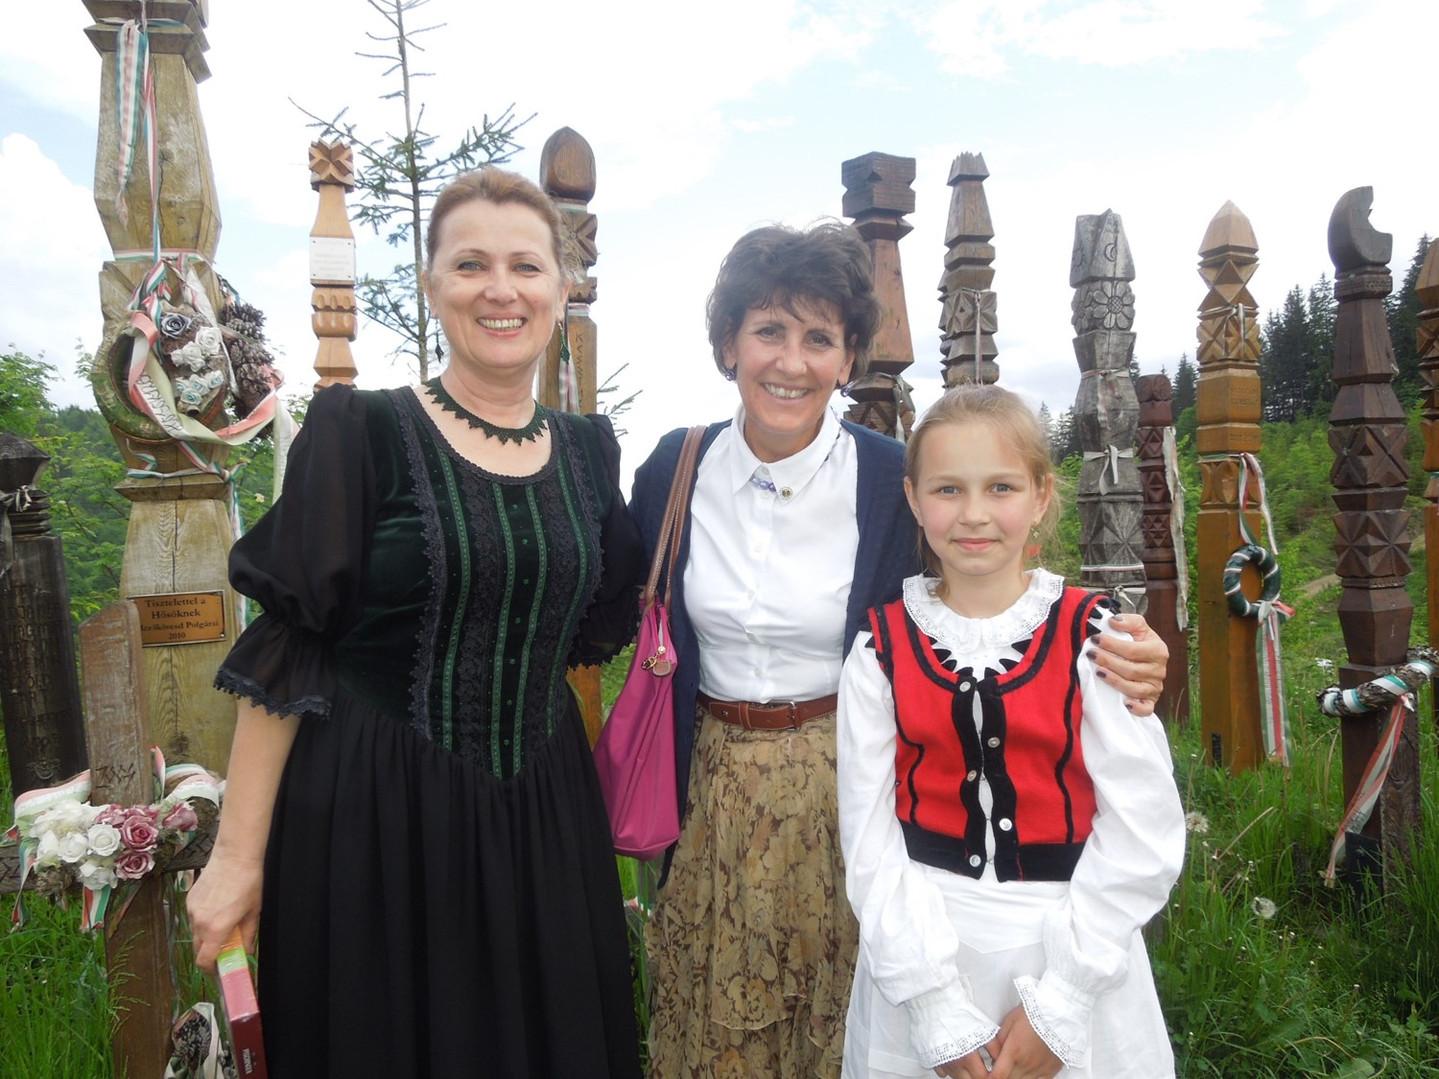 Theisz Katalin tanítónő tanítványával Olasz Edinával, akik csodálatos verssel és énekkel köszöntött bennünket